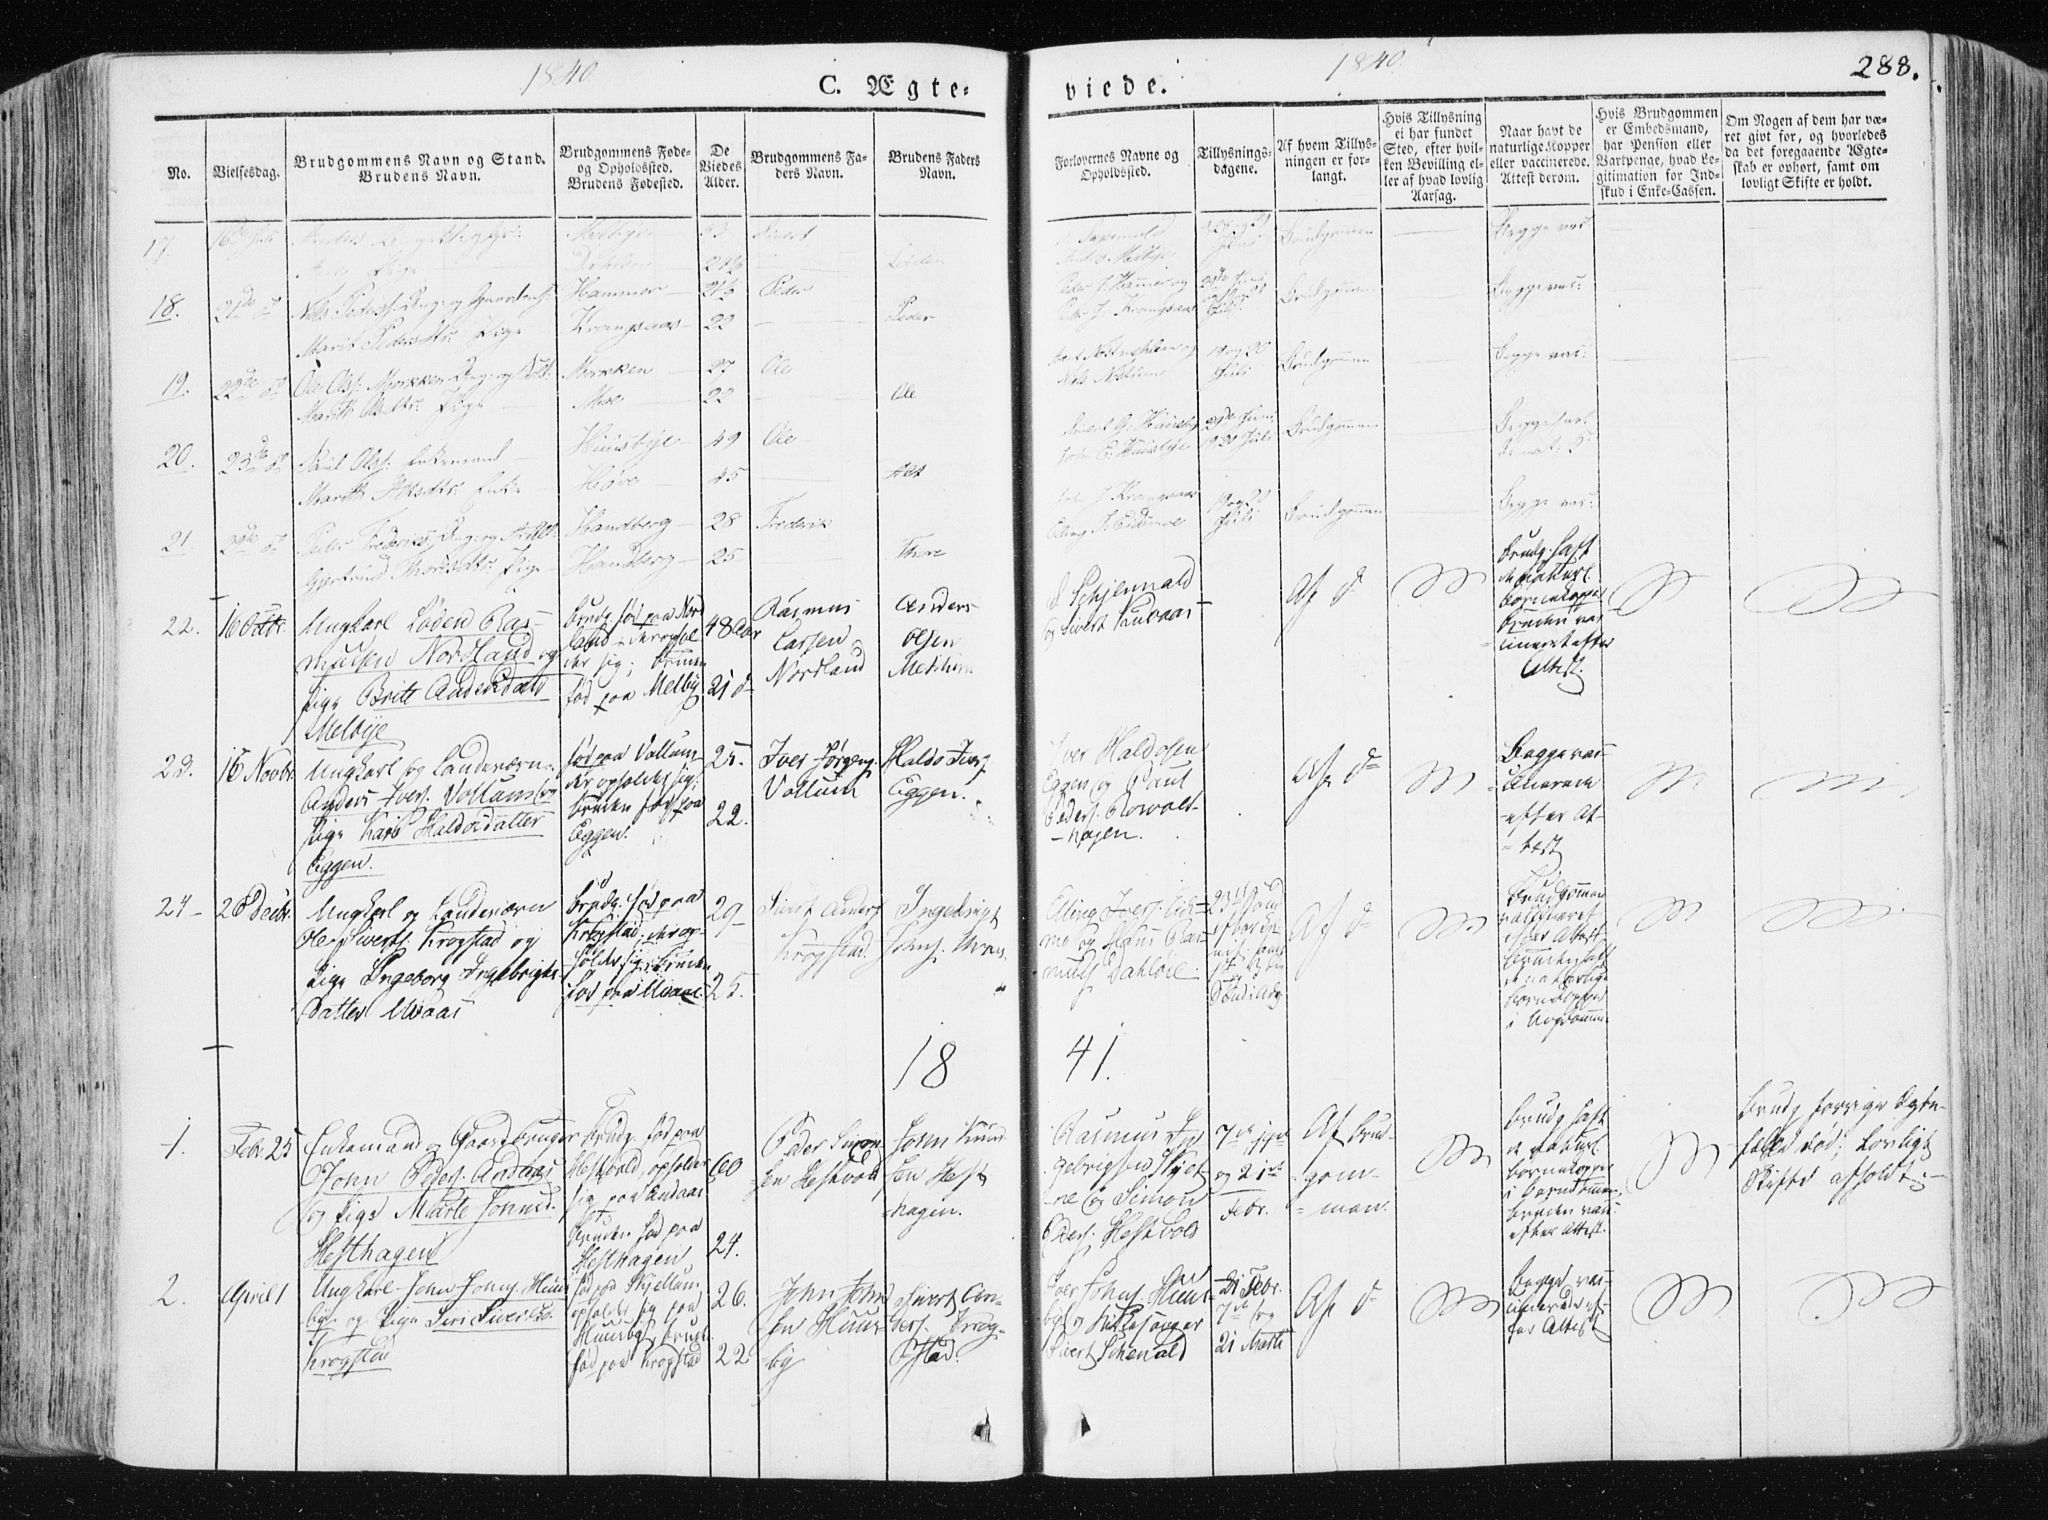 SAT, Ministerialprotokoller, klokkerbøker og fødselsregistre - Sør-Trøndelag, 665/L0771: Ministerialbok nr. 665A06, 1830-1856, s. 288